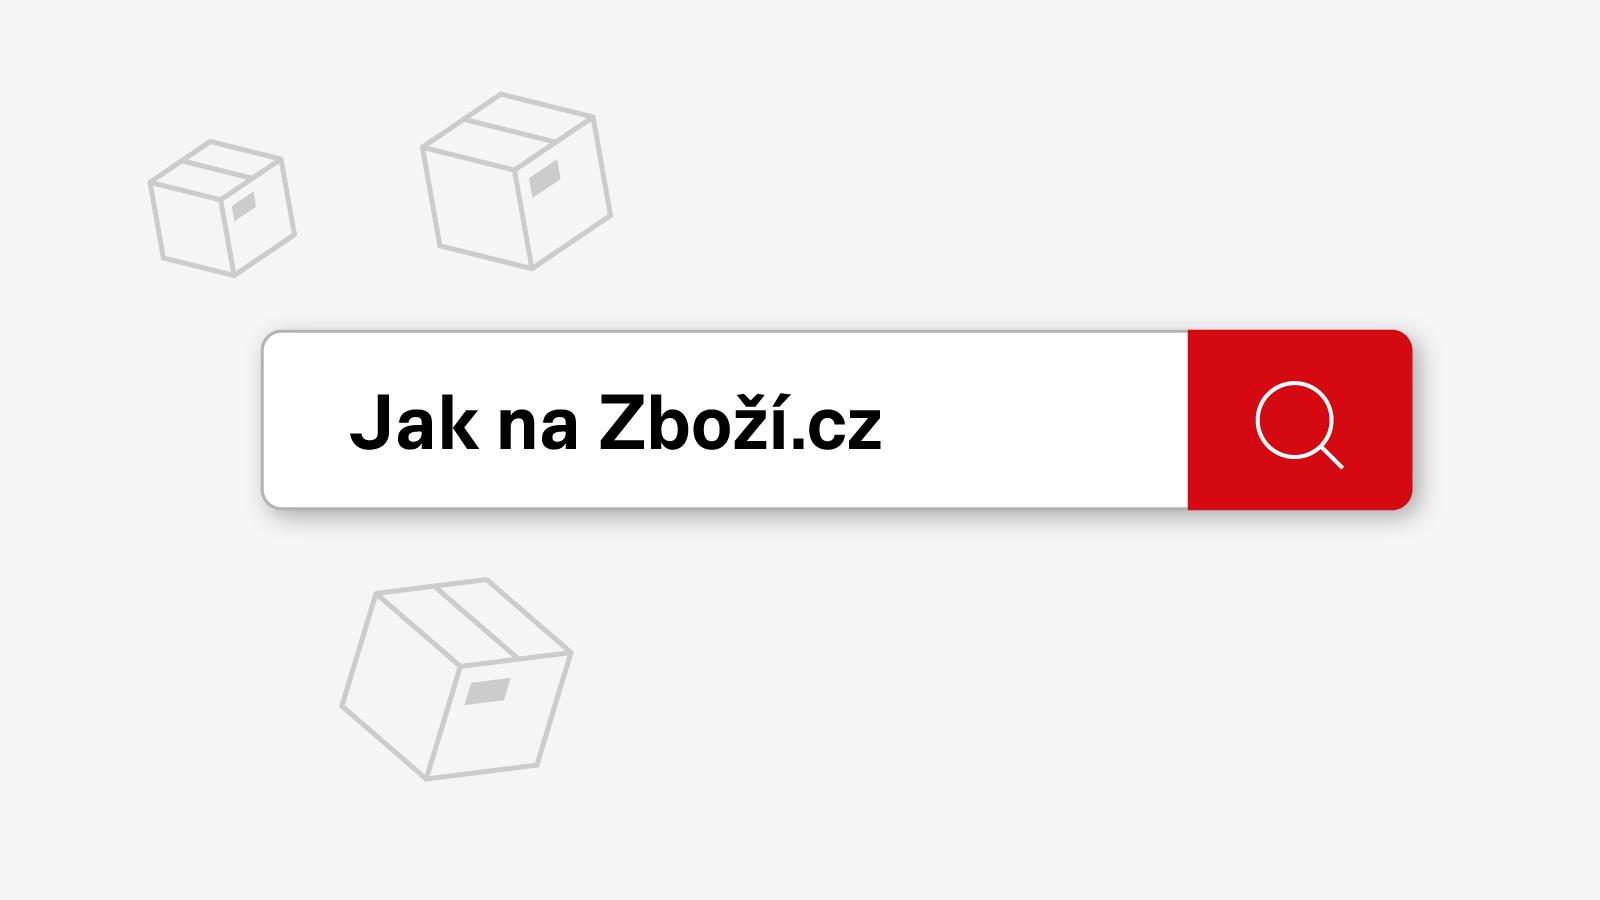 b9f782acd Jak na Zboží.cz: Zákaznické recenze – Blog Seznam.cz